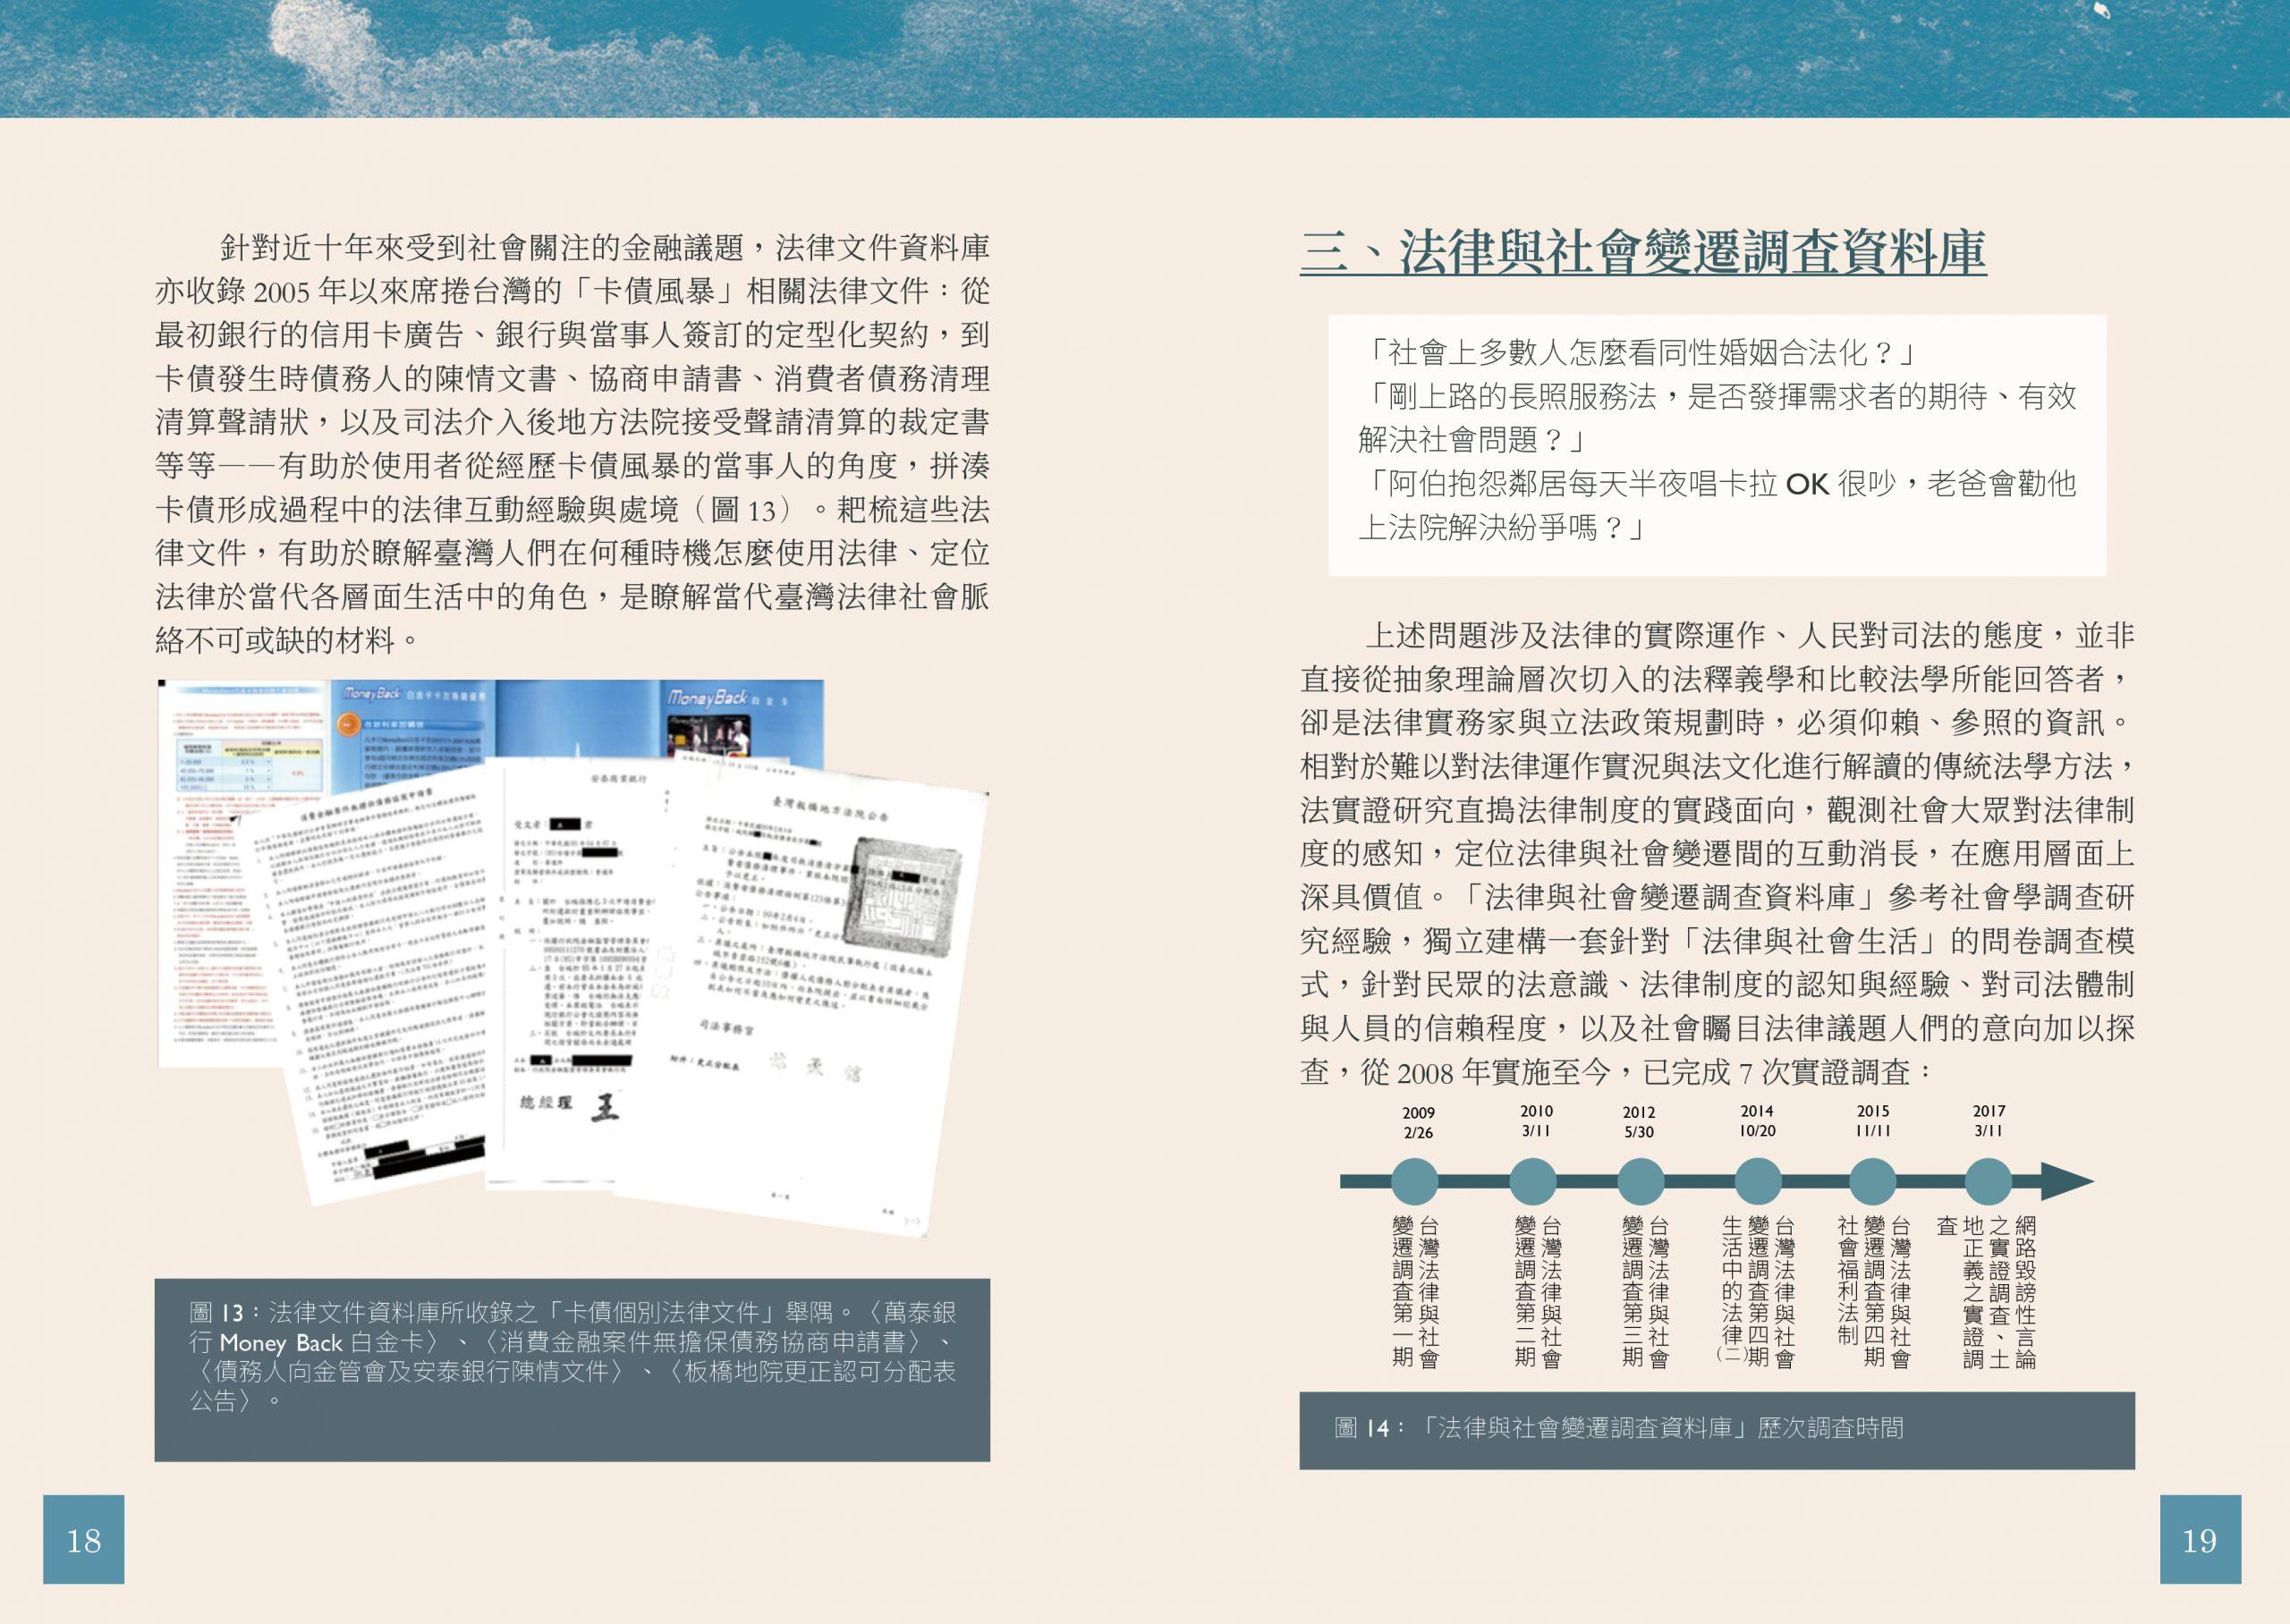 台灣法實證資料庫介紹手冊內文_1001-210